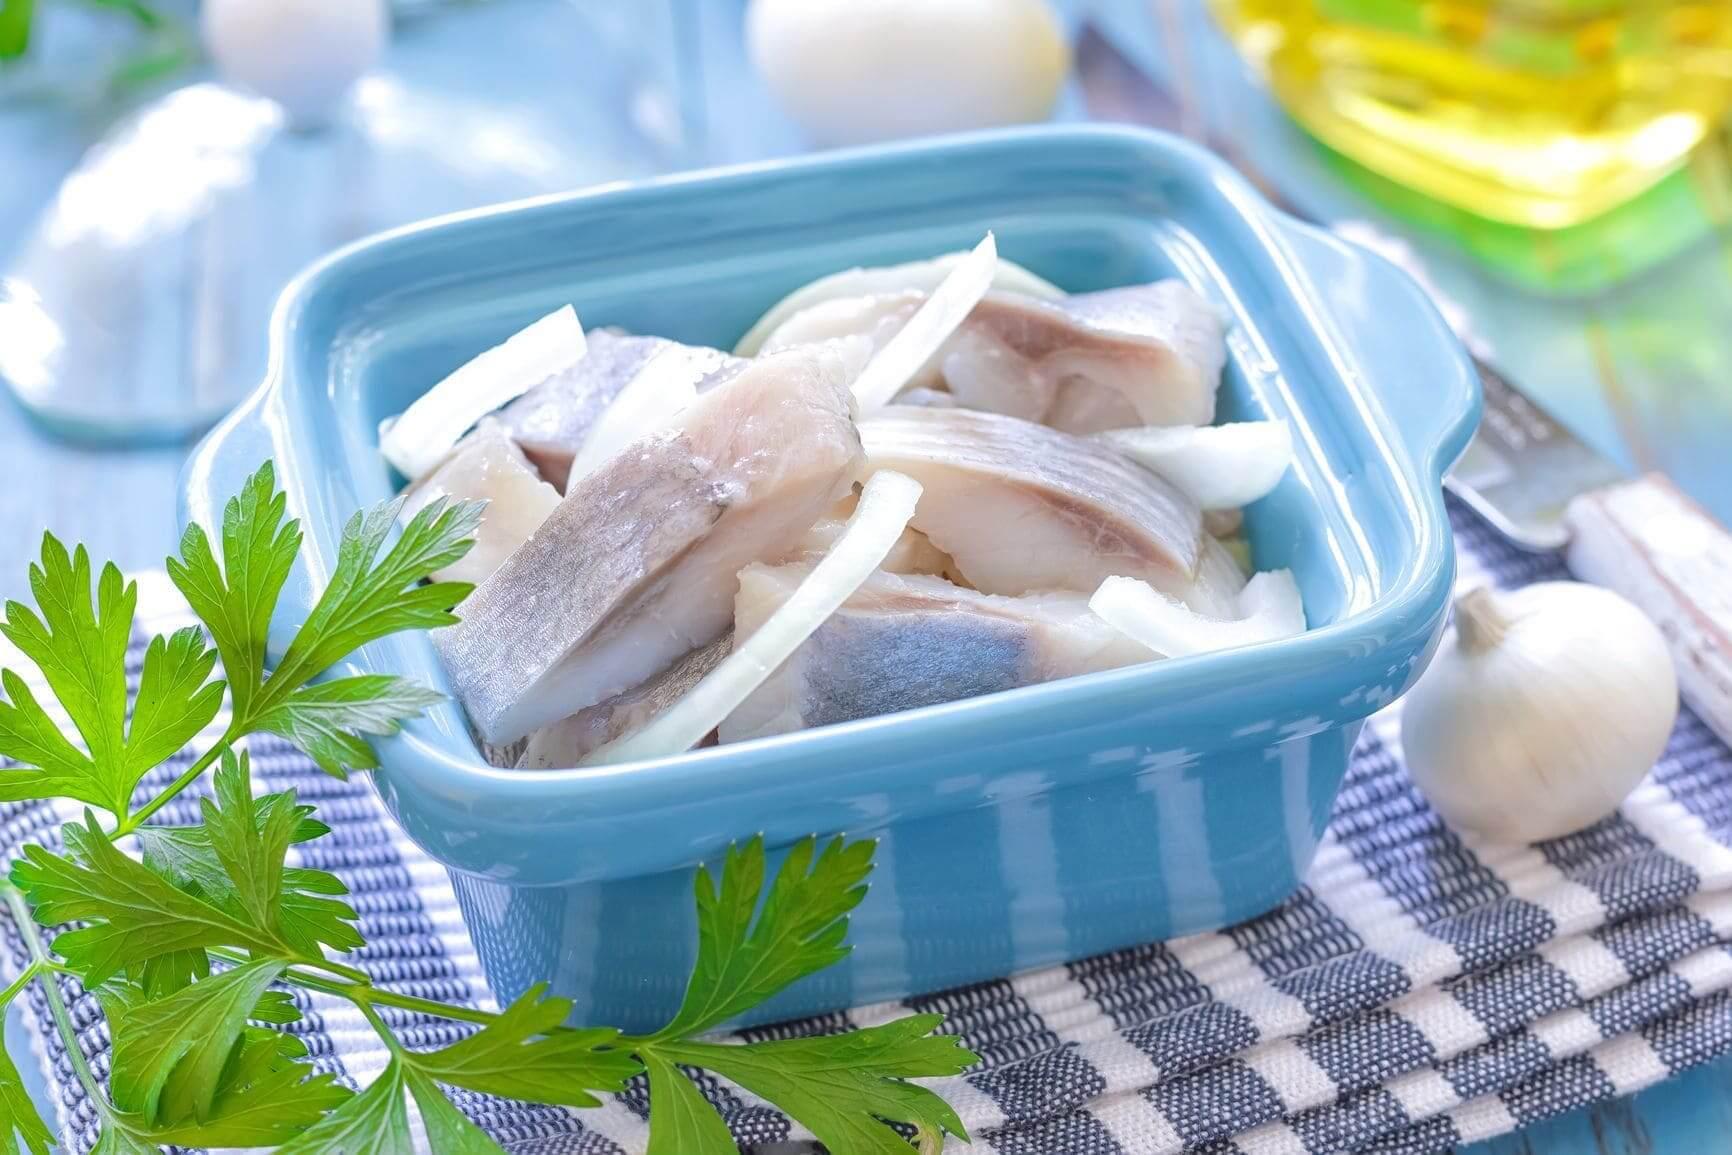 Как сохранить селедку в холодильнике подольше: сколько можно хранить соленую сельдь без рассола в домашних условиях